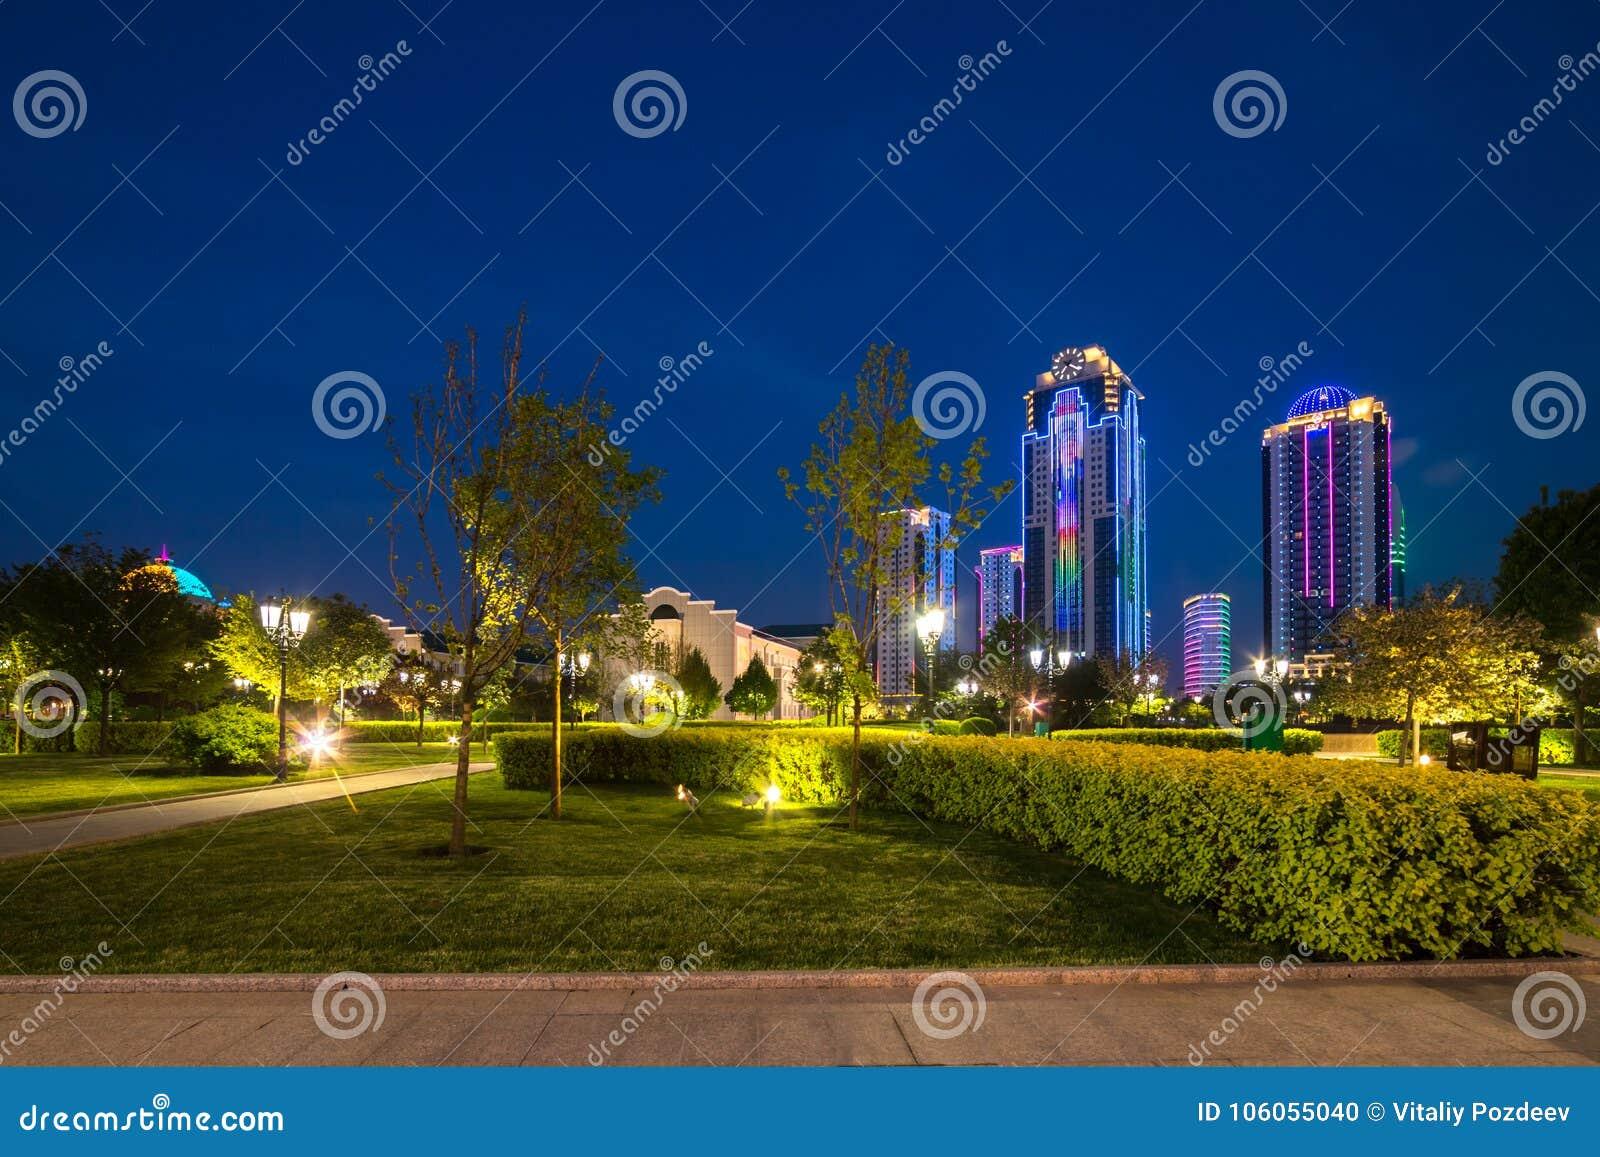 Κτήρια στην περιοχή της πόλης του Γκρόζνυ